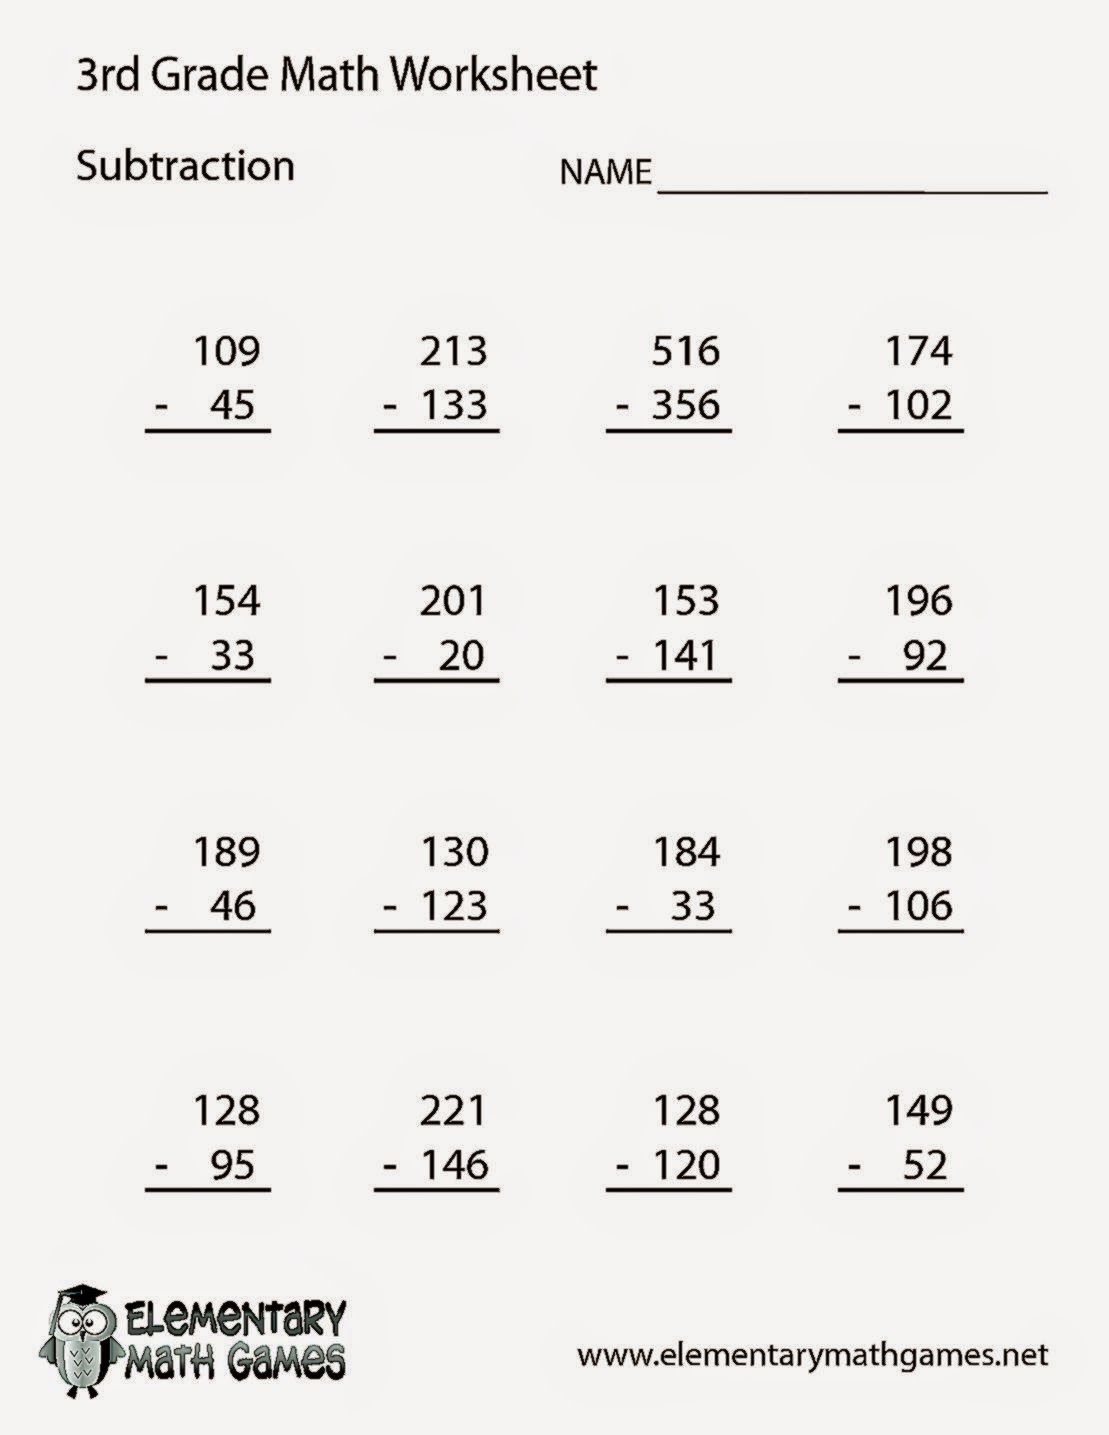 Free Fraction Worksheets For 3Rd Grade – Fraction Games Worksheets